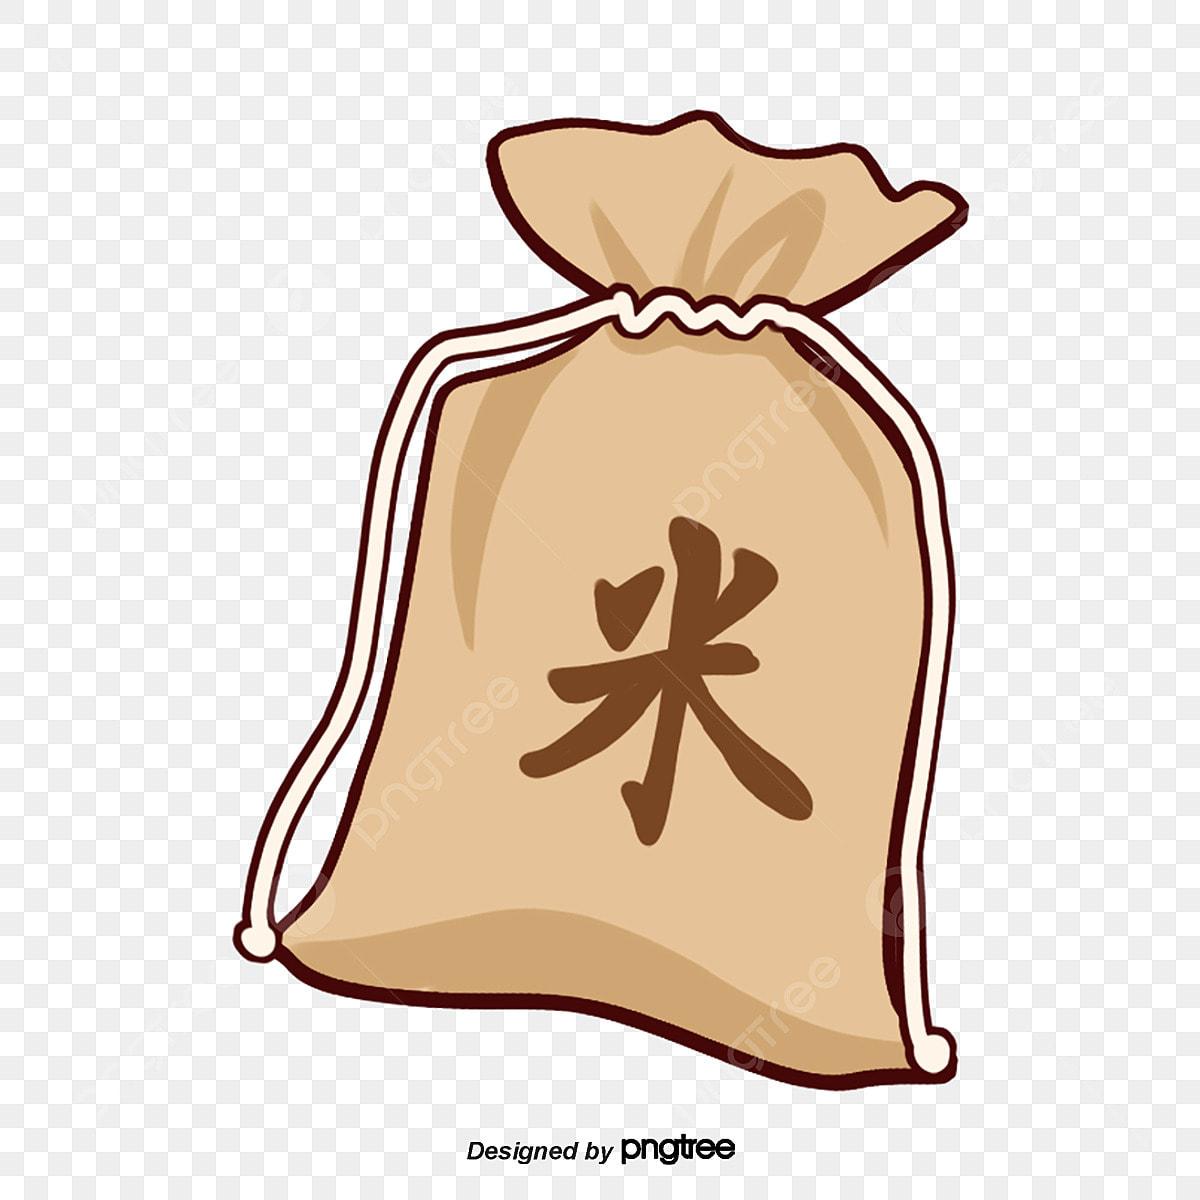 Cartoon Rice Bag Element Cartoon Scenes Png Transparent Clipart